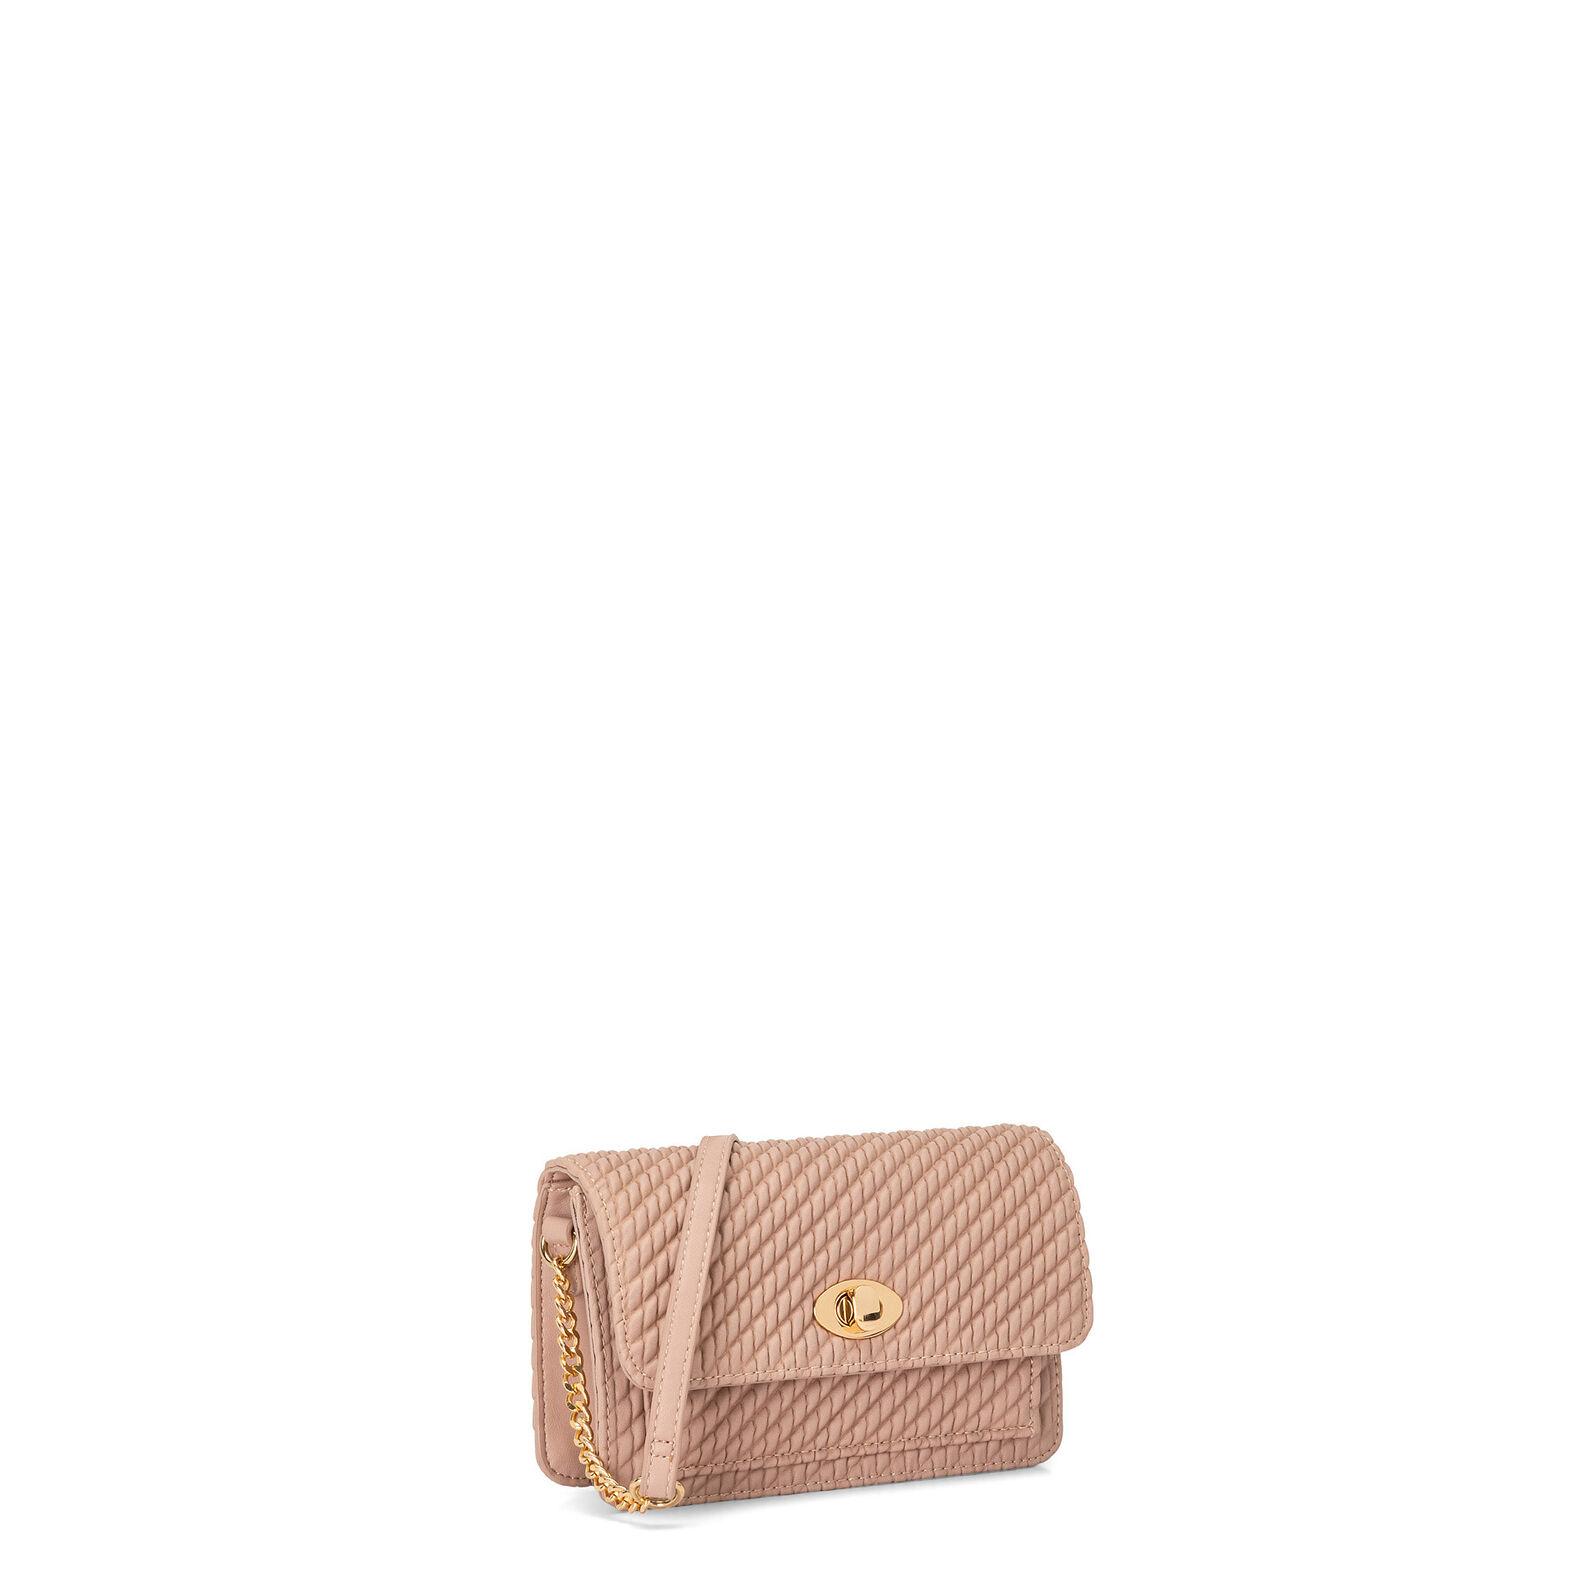 Koan curled-effect shoulder bag